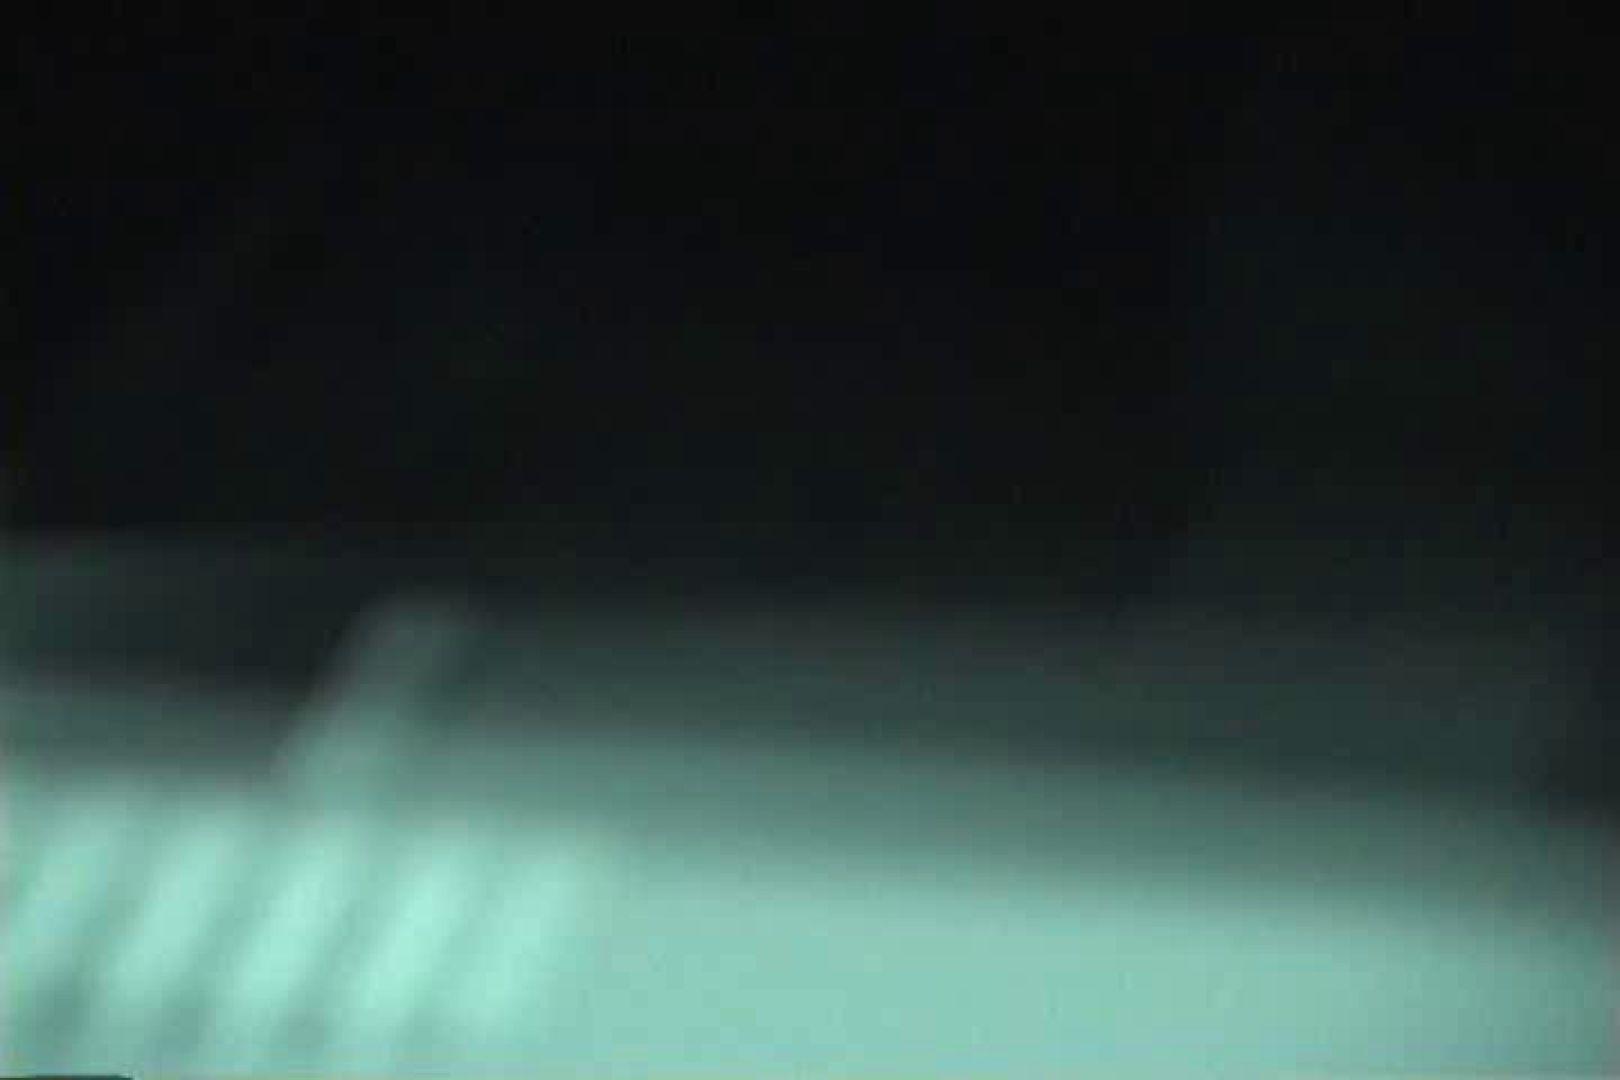 充血監督の深夜の運動会Vol.120 カップルのセックス 盗撮動画紹介 63PIX 7